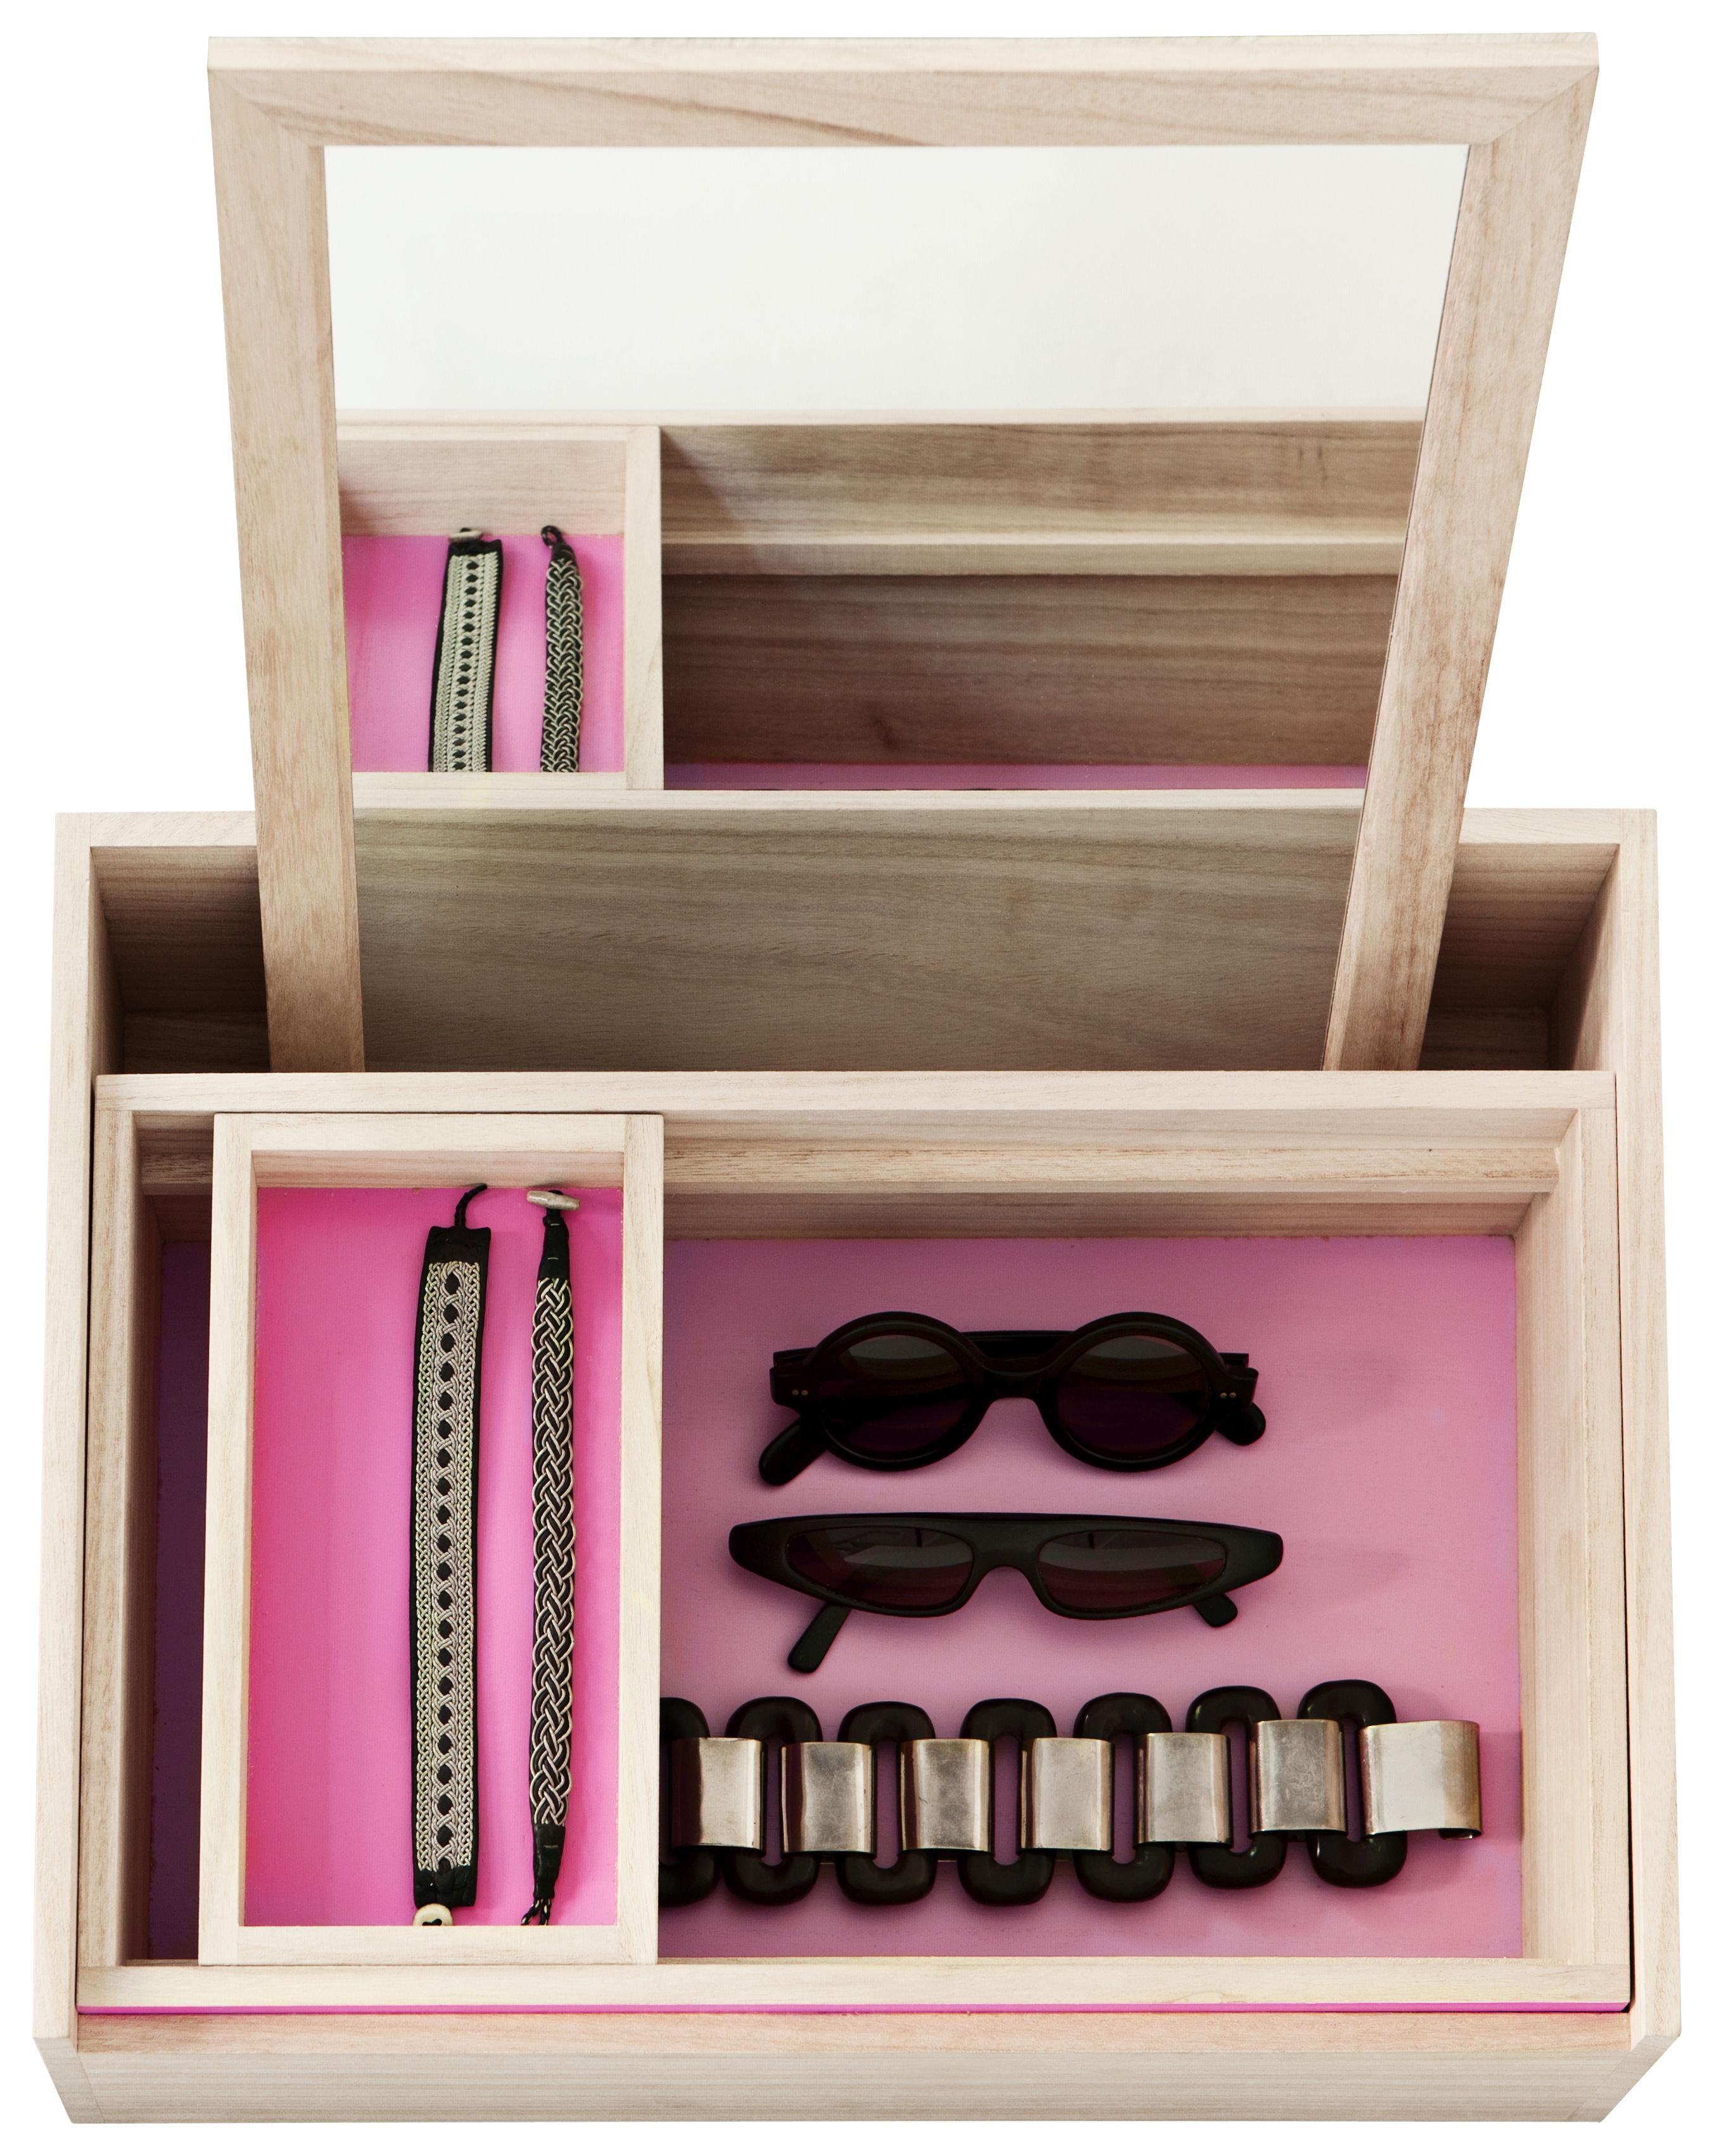 Accessoires - Accessoires salle de bains - Boîte à bijoux Balsabox Personal / Coiffeuse - 42 x 32 cm - Nomess - Bois naturel / intérieur rose - Bois de balsa